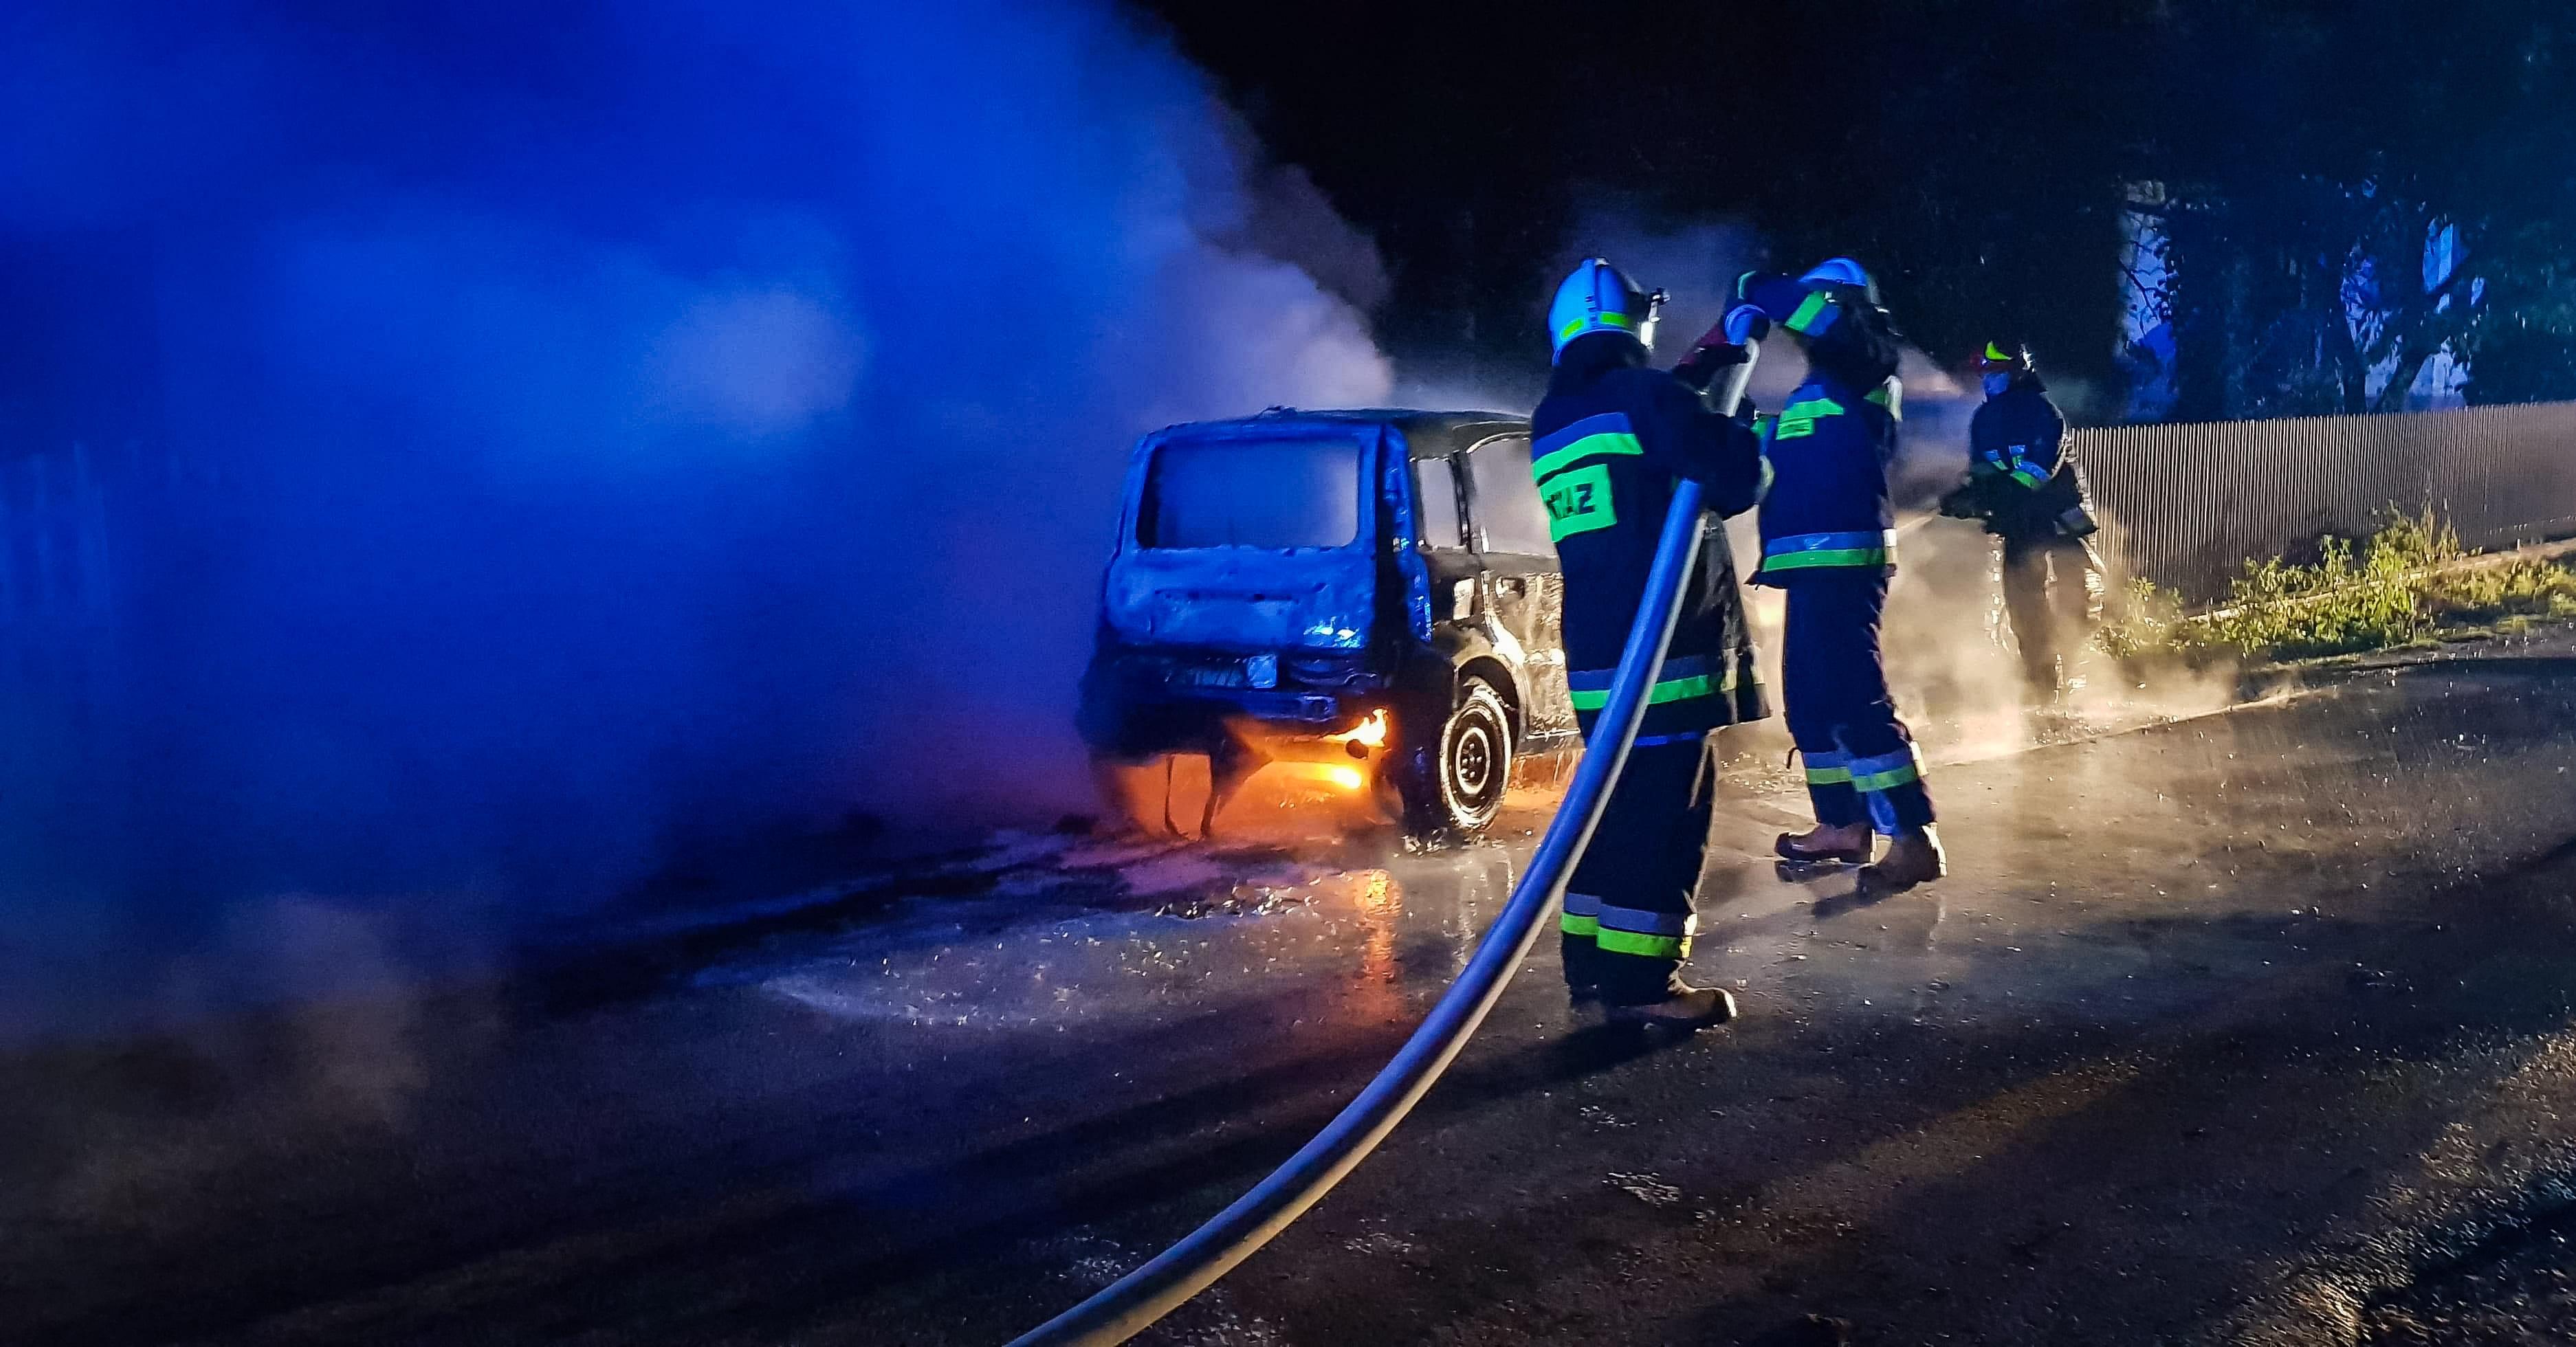 Nocny pożar samochodu. Auto spłonęło całkowicie! [FOTO] - Zdjęcie główne